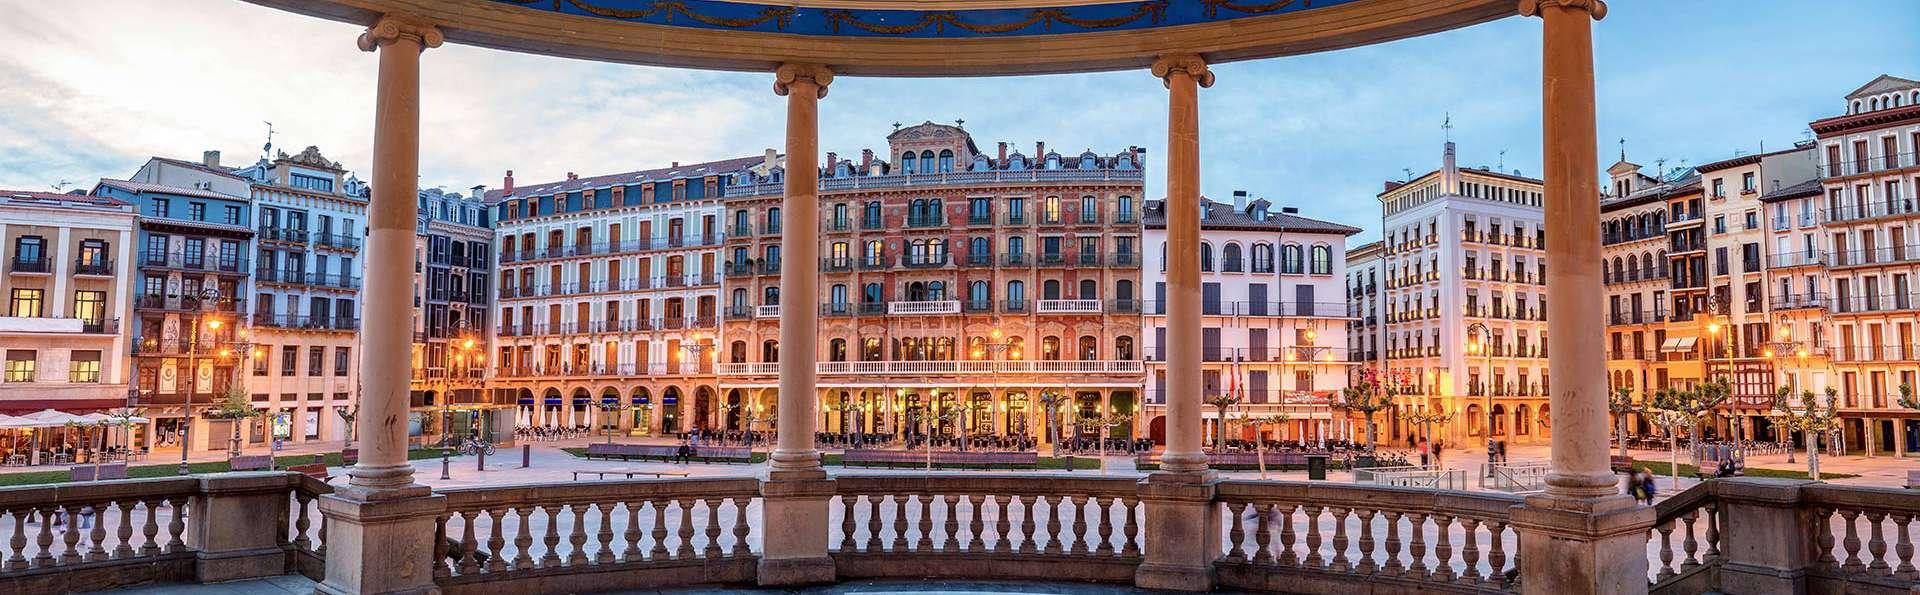 Escapa con parking gratuito en Pamplona